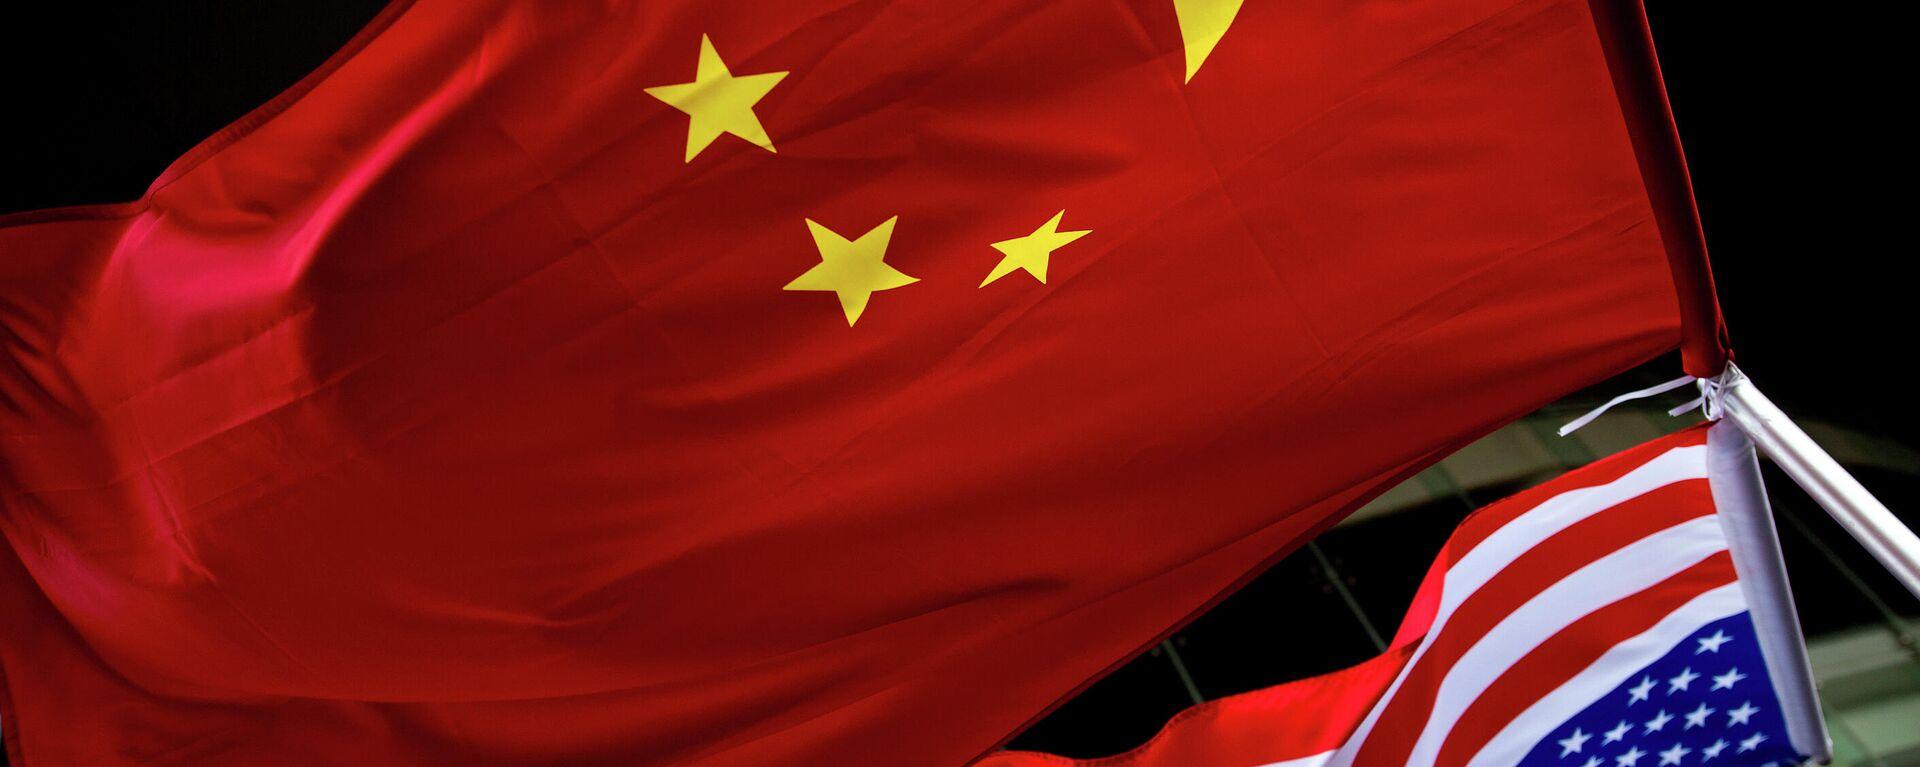 Flaggen von China und den USA (Symbolbild) - SNA, 1920, 24.07.2021